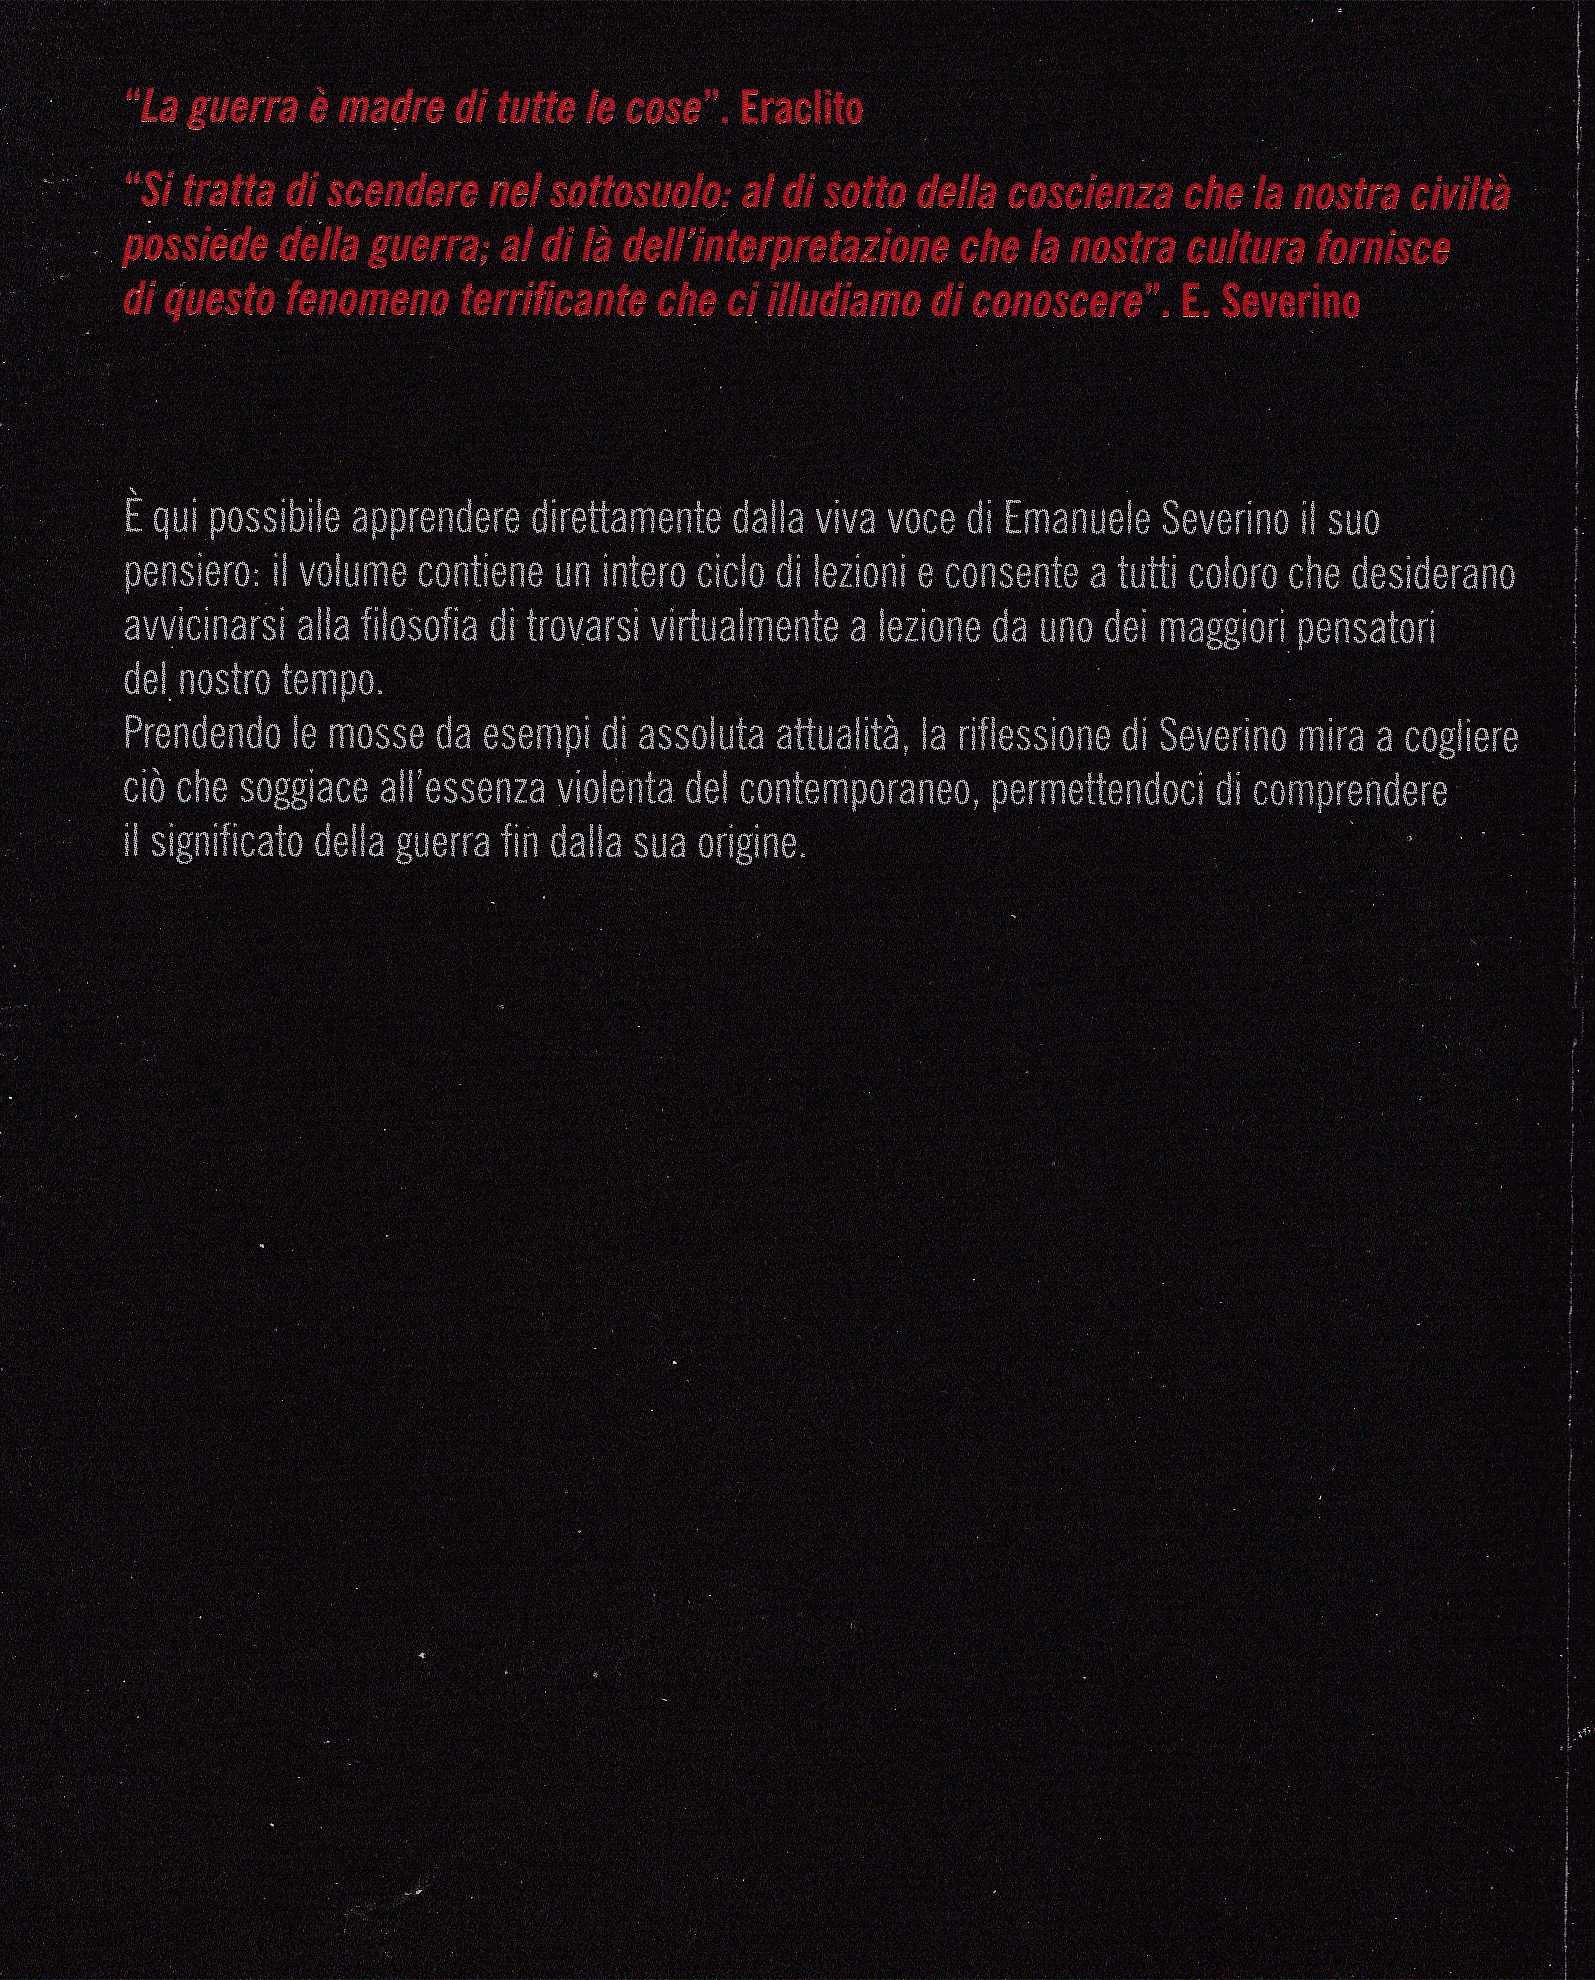 SEVERINO MIMESIS1901